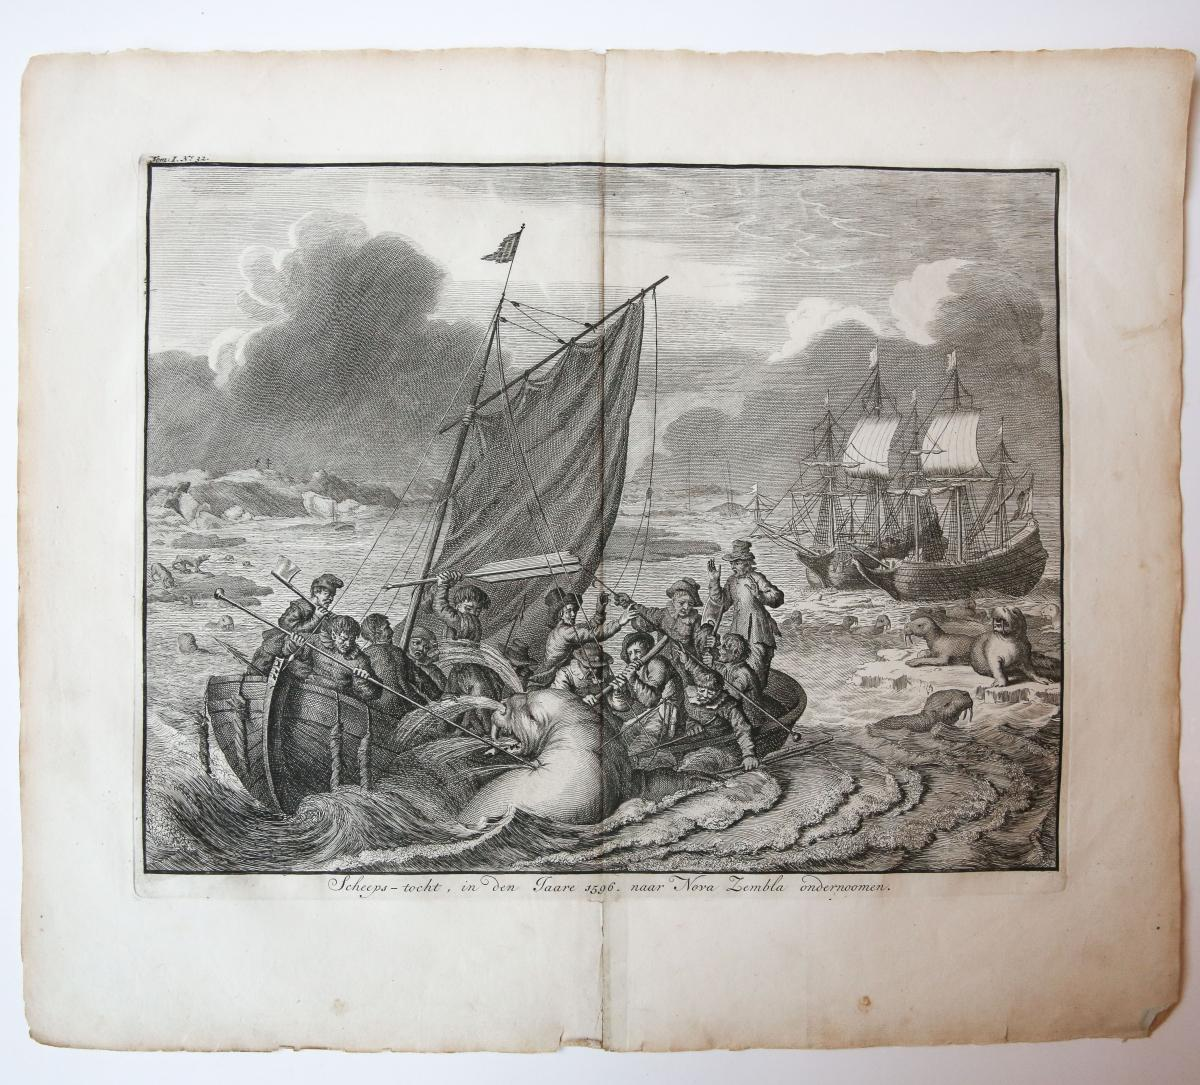 Scheeps-tocht, in den jaare 1596, naar Nova Zembla ondernomen.